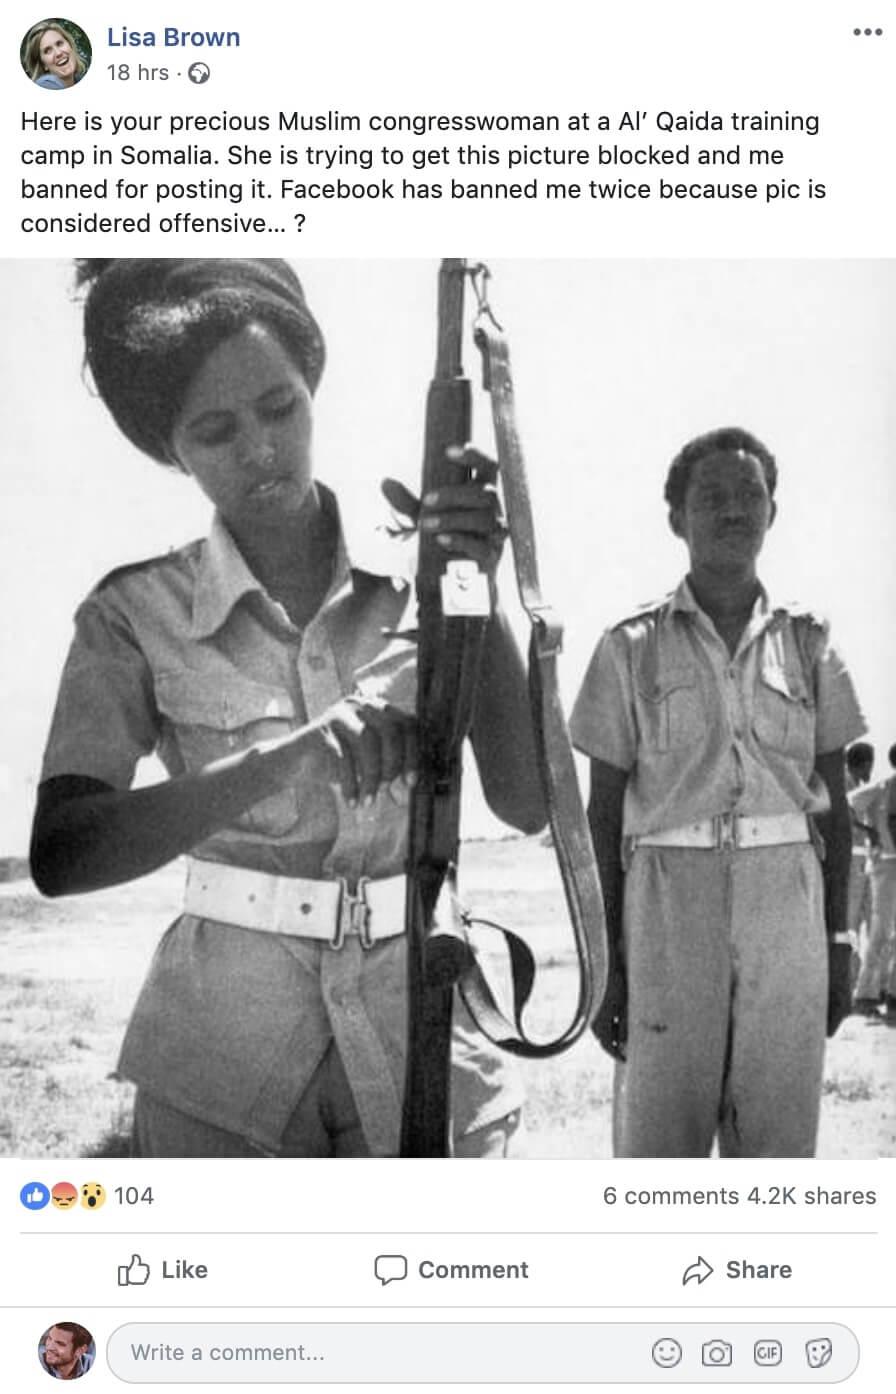 <strong>3. Foto mostra a deputada somali-americana Ilhan Omar em um campo de treinamento terrorista na Somália.</strong>